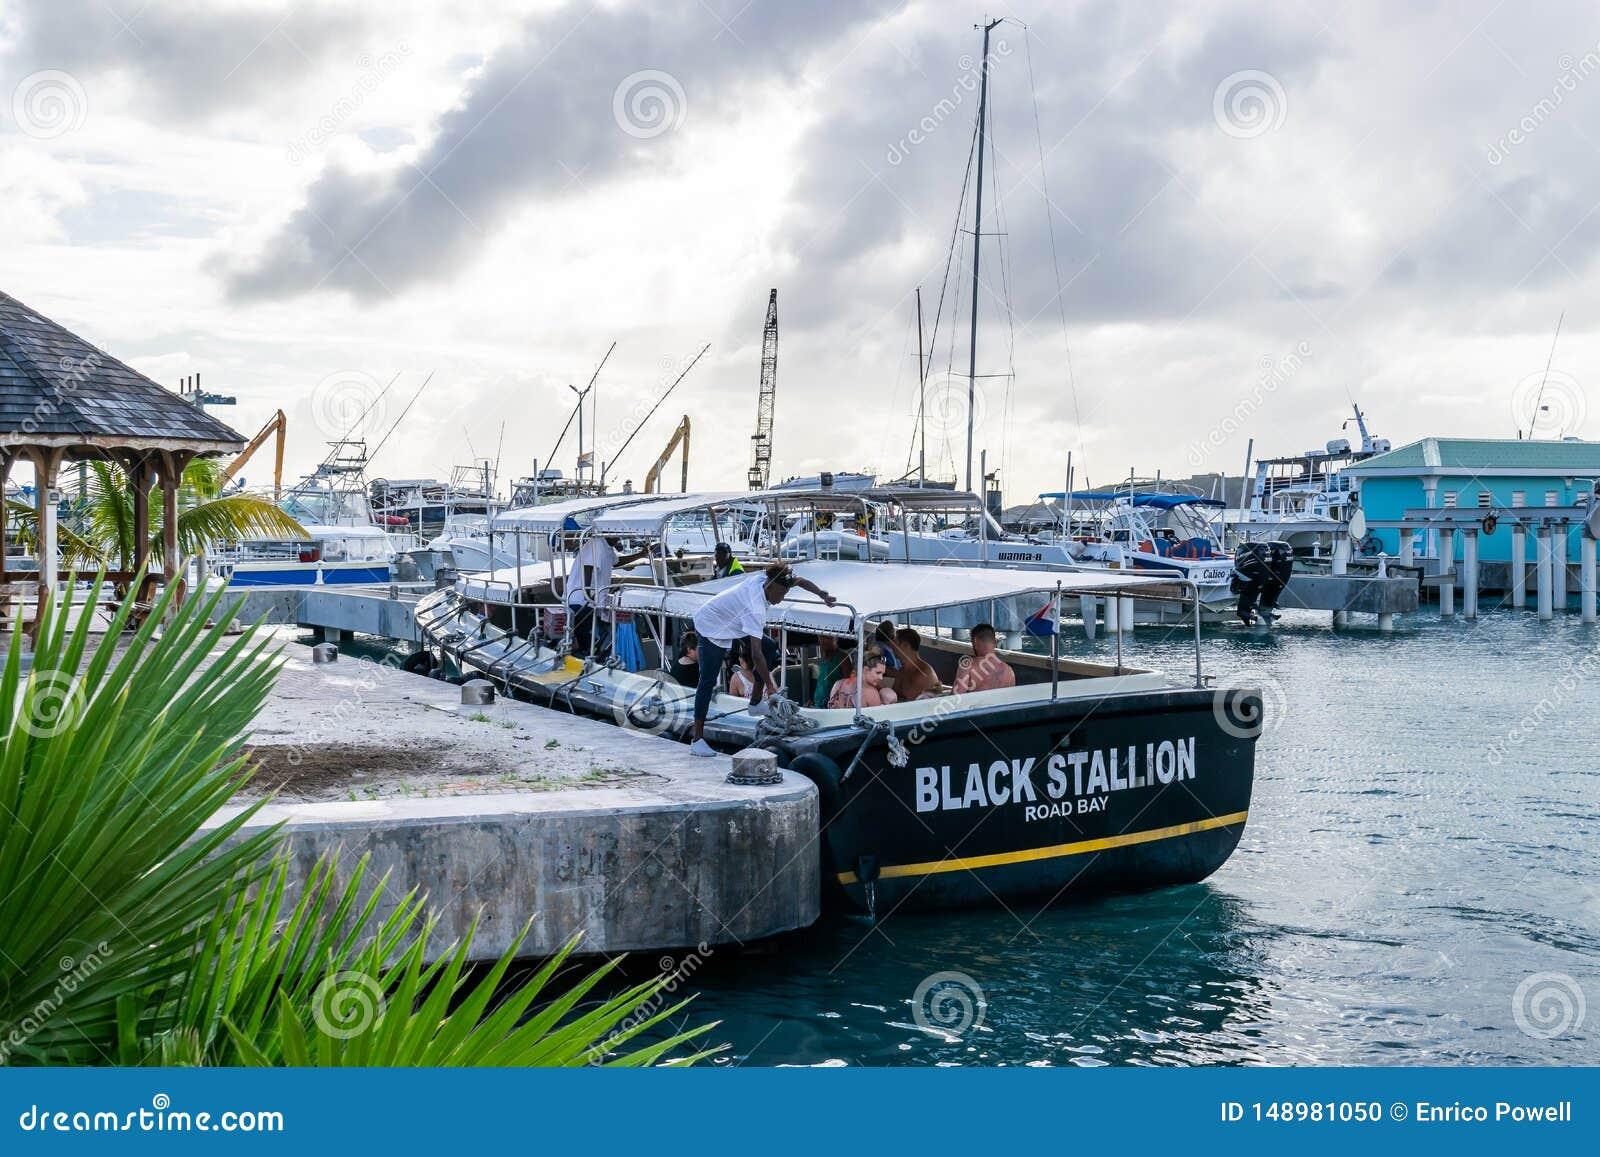 Кавказские туристы на черной шлюпке путешествия залива дороги жеребца в экипаже boatyard развязывают веревочкам от морских палов